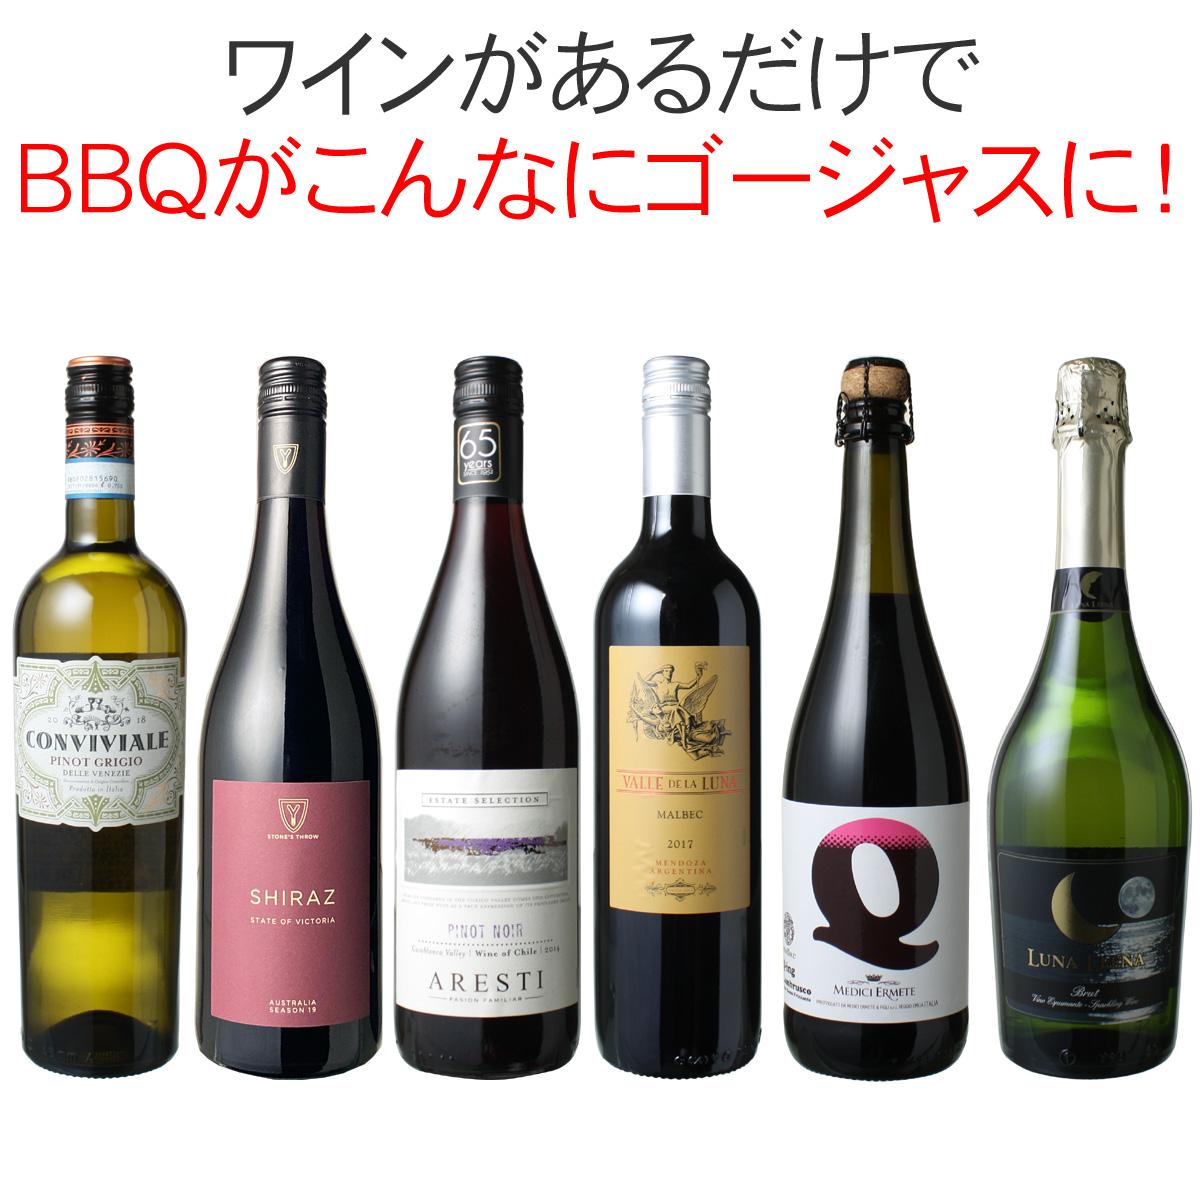 ワインセット BBQワイン スパークリングワイン 白ワイン 赤ワイン オープナー不要 スクリュー 家飲み 夏ワイン